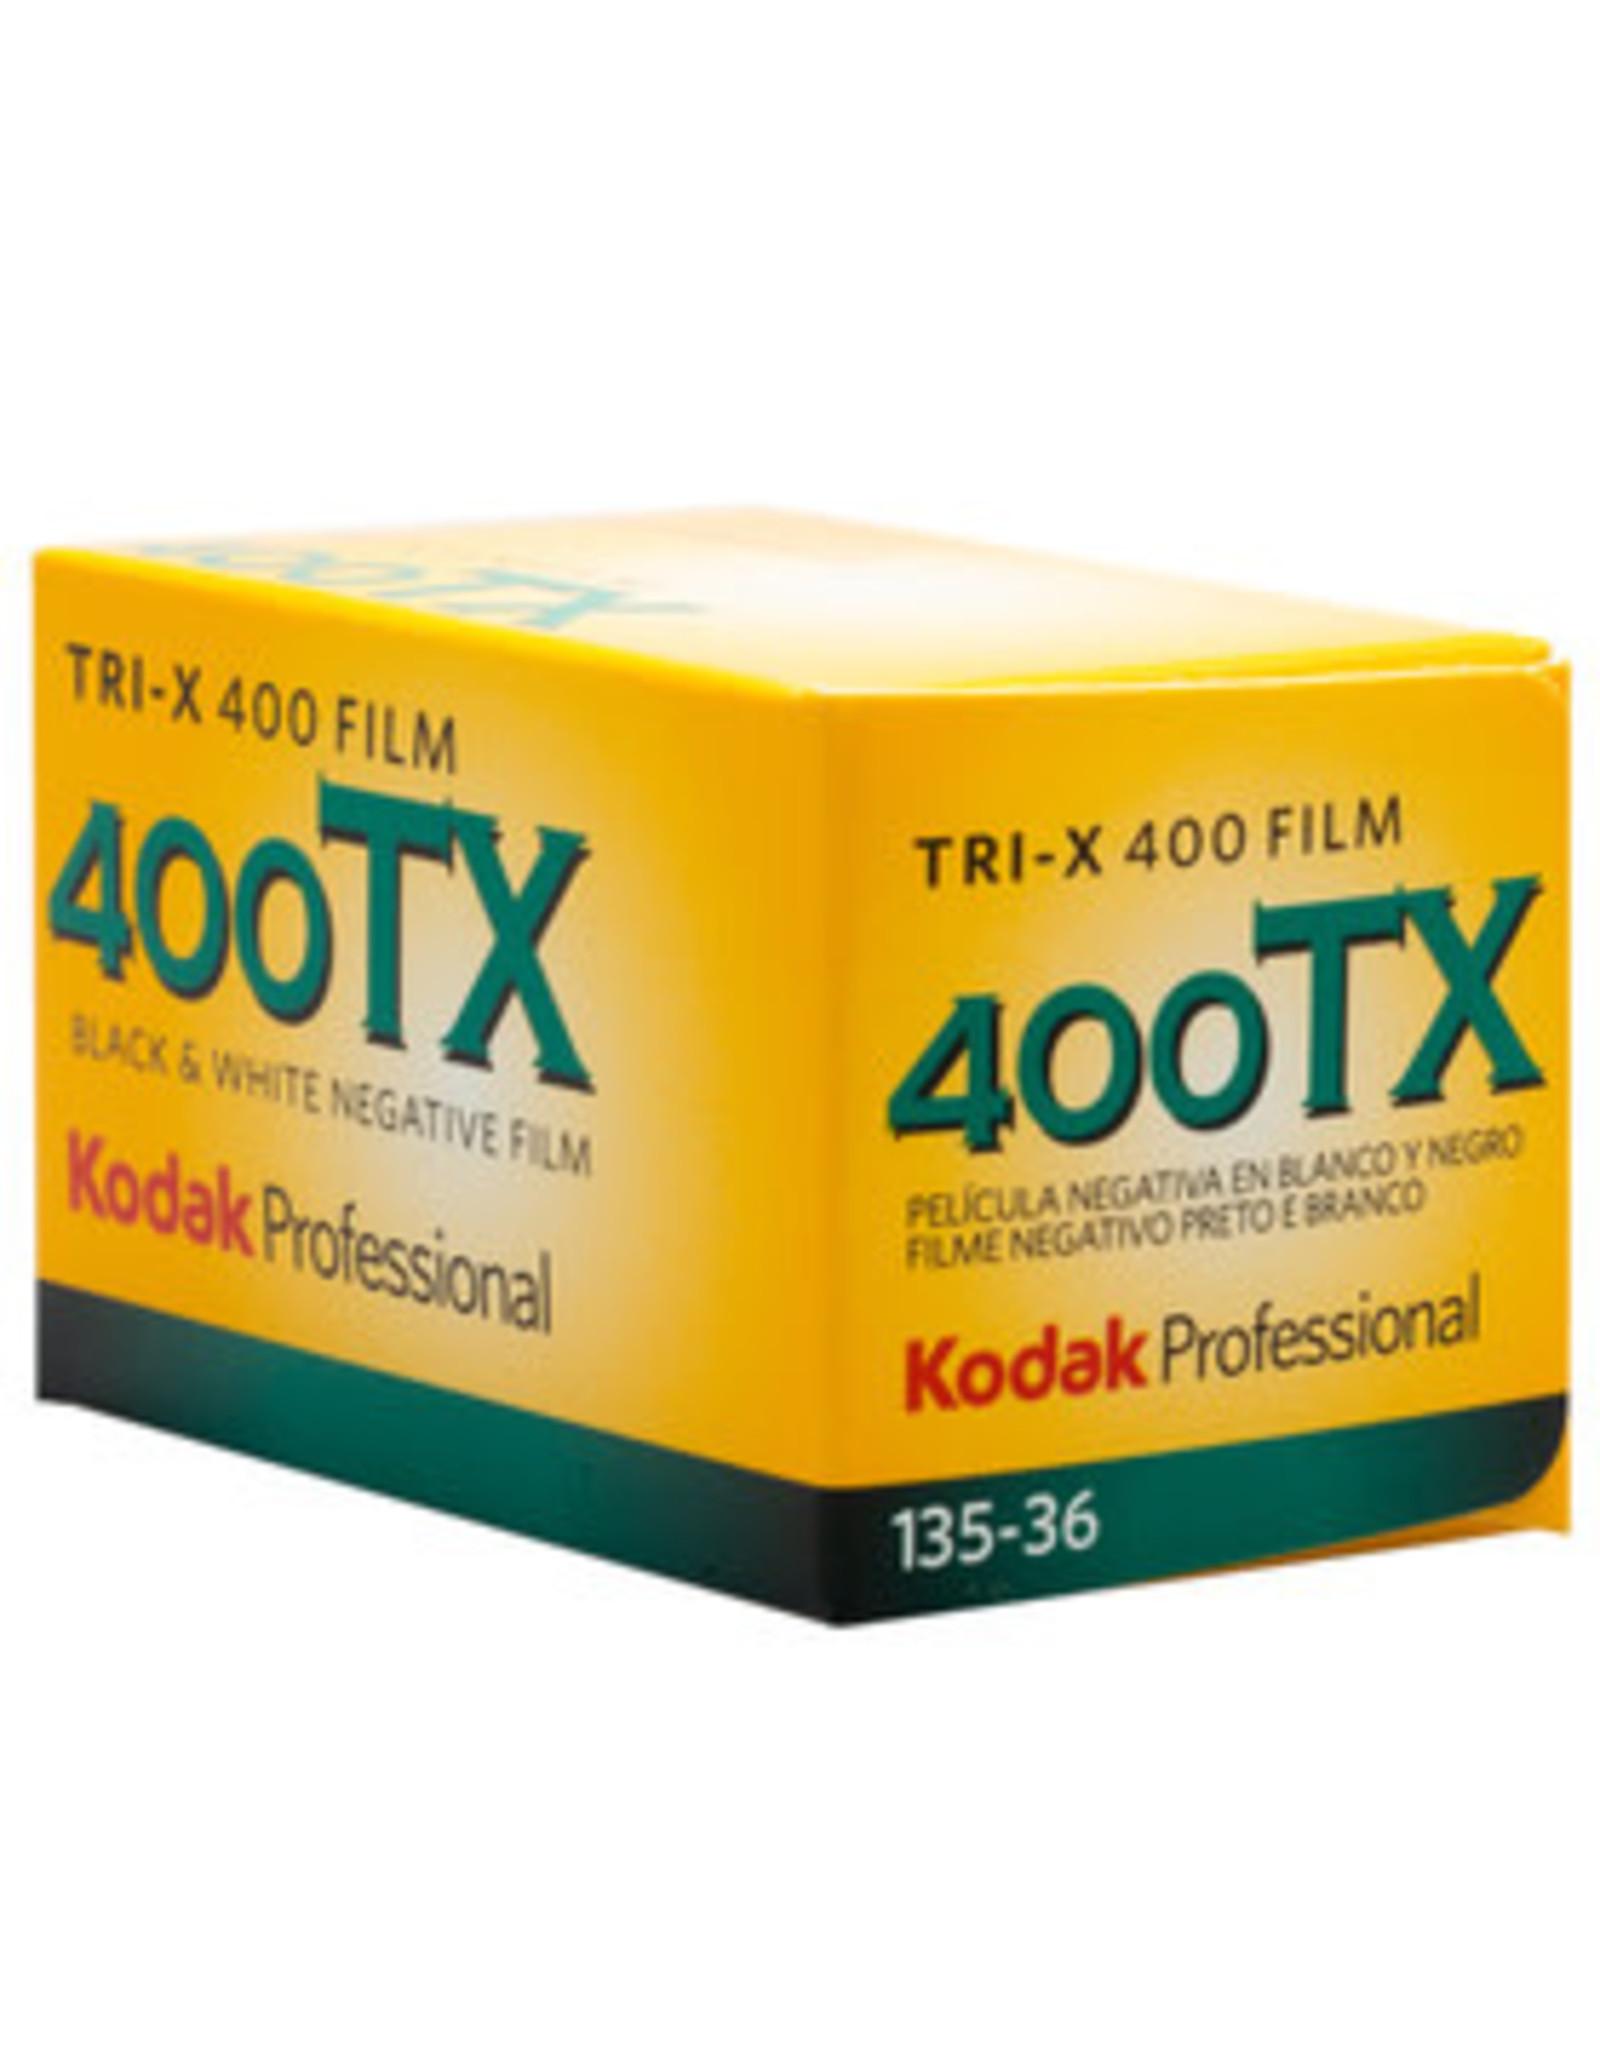 kodak Kodak Tri-X Pan 400tx 135-36mm B&W film